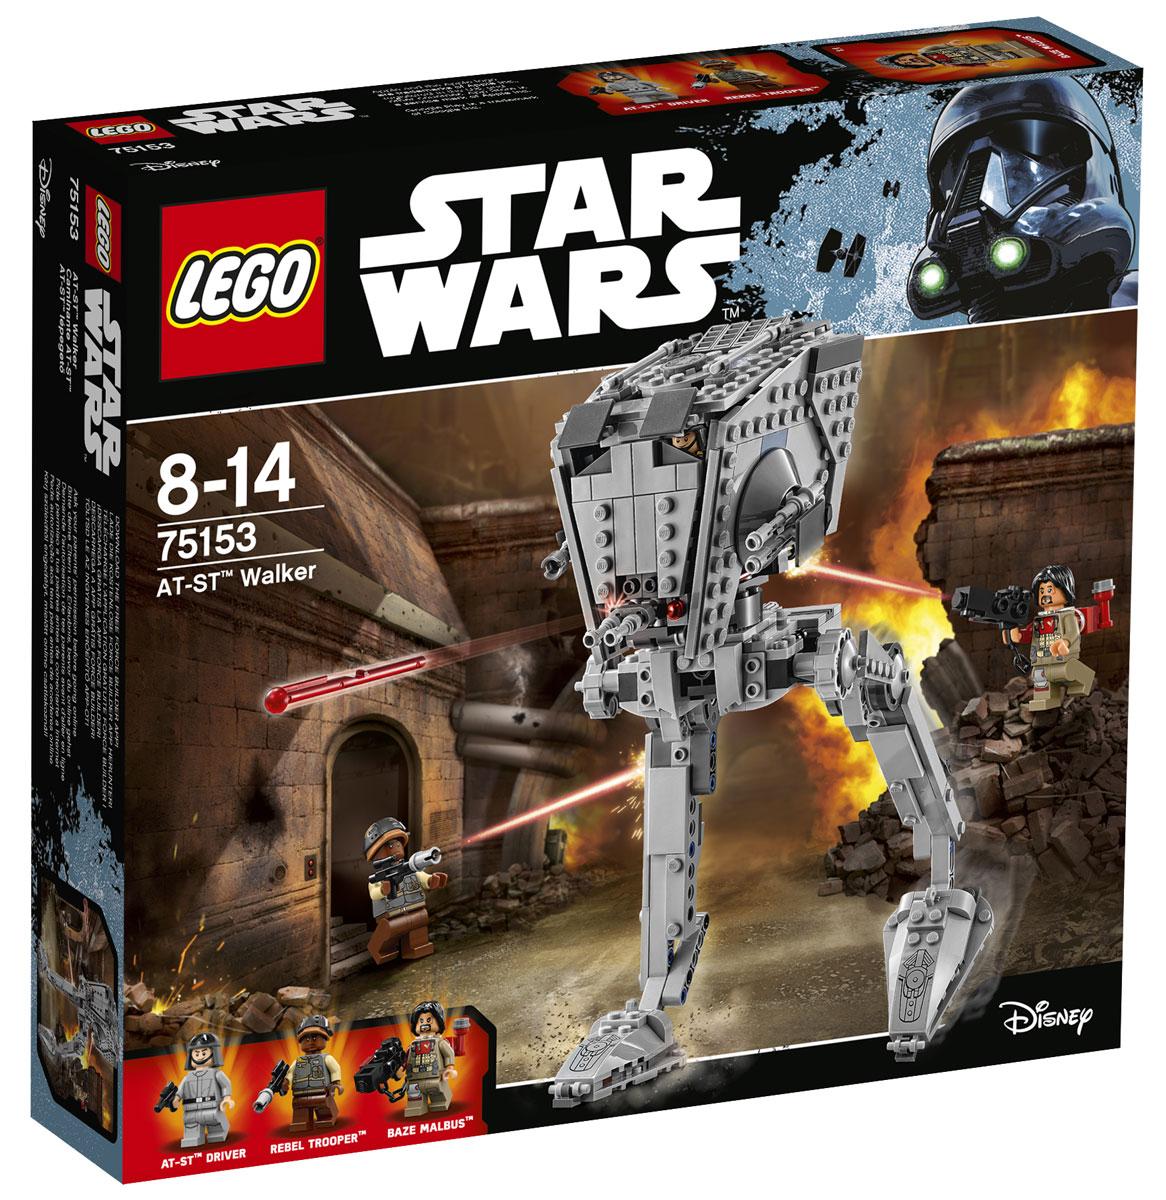 LEGO Star Wars Конструктор Разведывательный транспортный шагоход (AT-ST) 7515375153Запускайте свой разведывательный транспортный вездеход и начинайте охоту на Бейза и повстанца-пехотинца. Откройте крышку верхнего люка, загрузите мини-фигурку водителя AT-ST и скорее принимайтесь за дело. После того как обнаружите врагов, поверните руль, чтобы навести на них пружинные пушки, и открывайте огонь! Смогут ли Бейз и пехотинец скрыться от приближающегося AT-ST? Этот выбор придется сделать вам. Набор включает в себя 449 пластиковых элементов. Конструктор - это один из самых увлекательных и веселых способов времяпрепровождения. Ребенок сможет часами играть с конструктором, придумывая различные ситуации и истории.